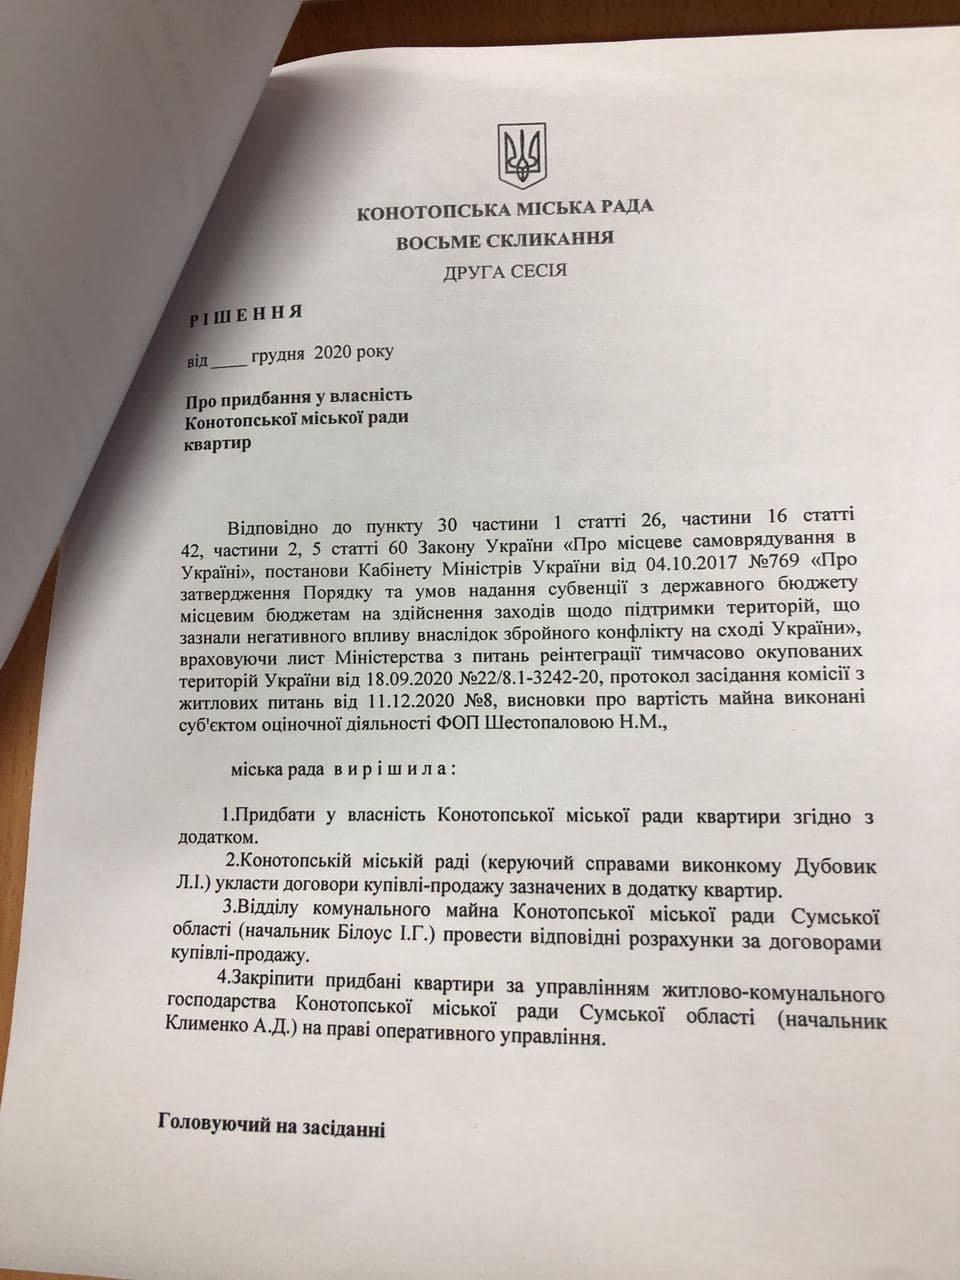 Сесія у Конотопі: депутати погодили придбання квартир для біженців зі Сходу України, фото-1